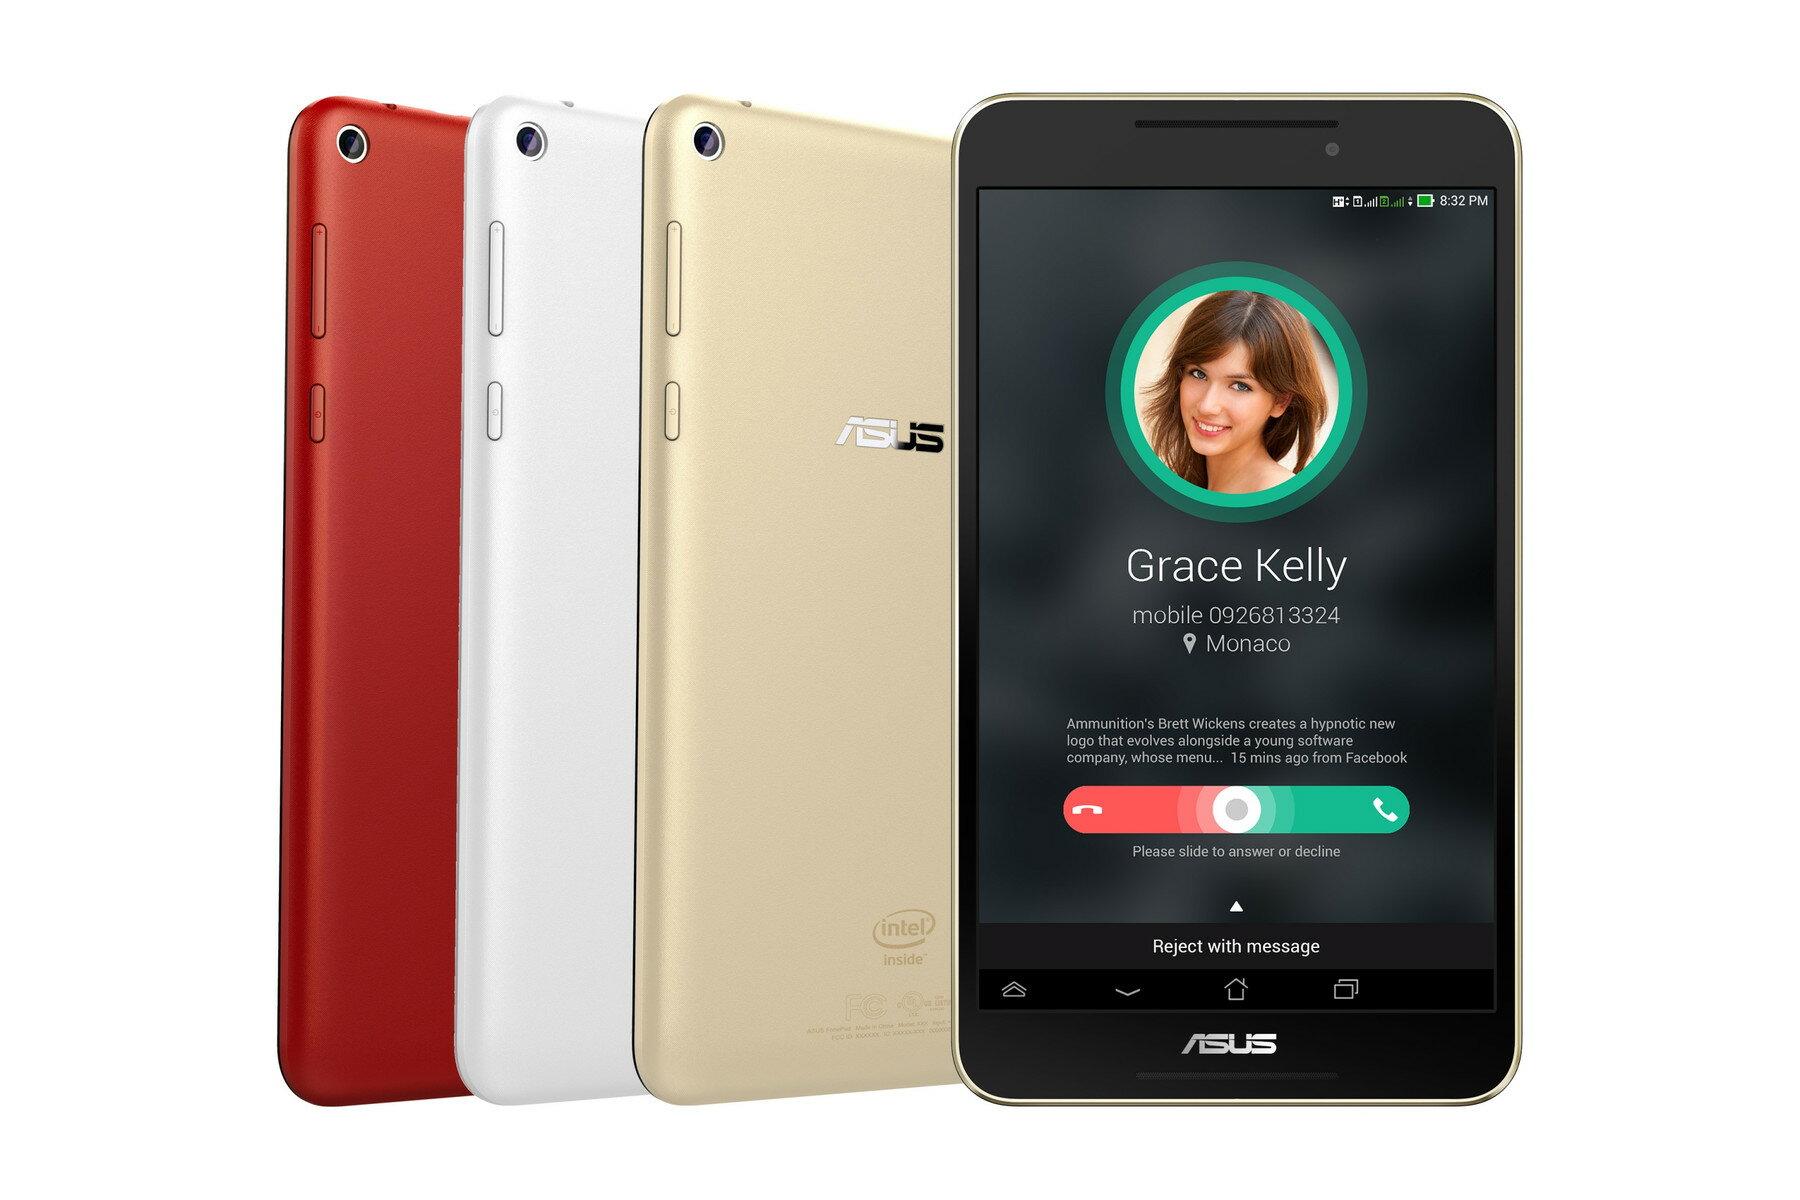 【門市拆封福利品 ASUS華碩】Fonepad 8 8吋 WiFi 四核心 超輕薄 雙卡雙待可通話平板 FE380CG 1G/8G